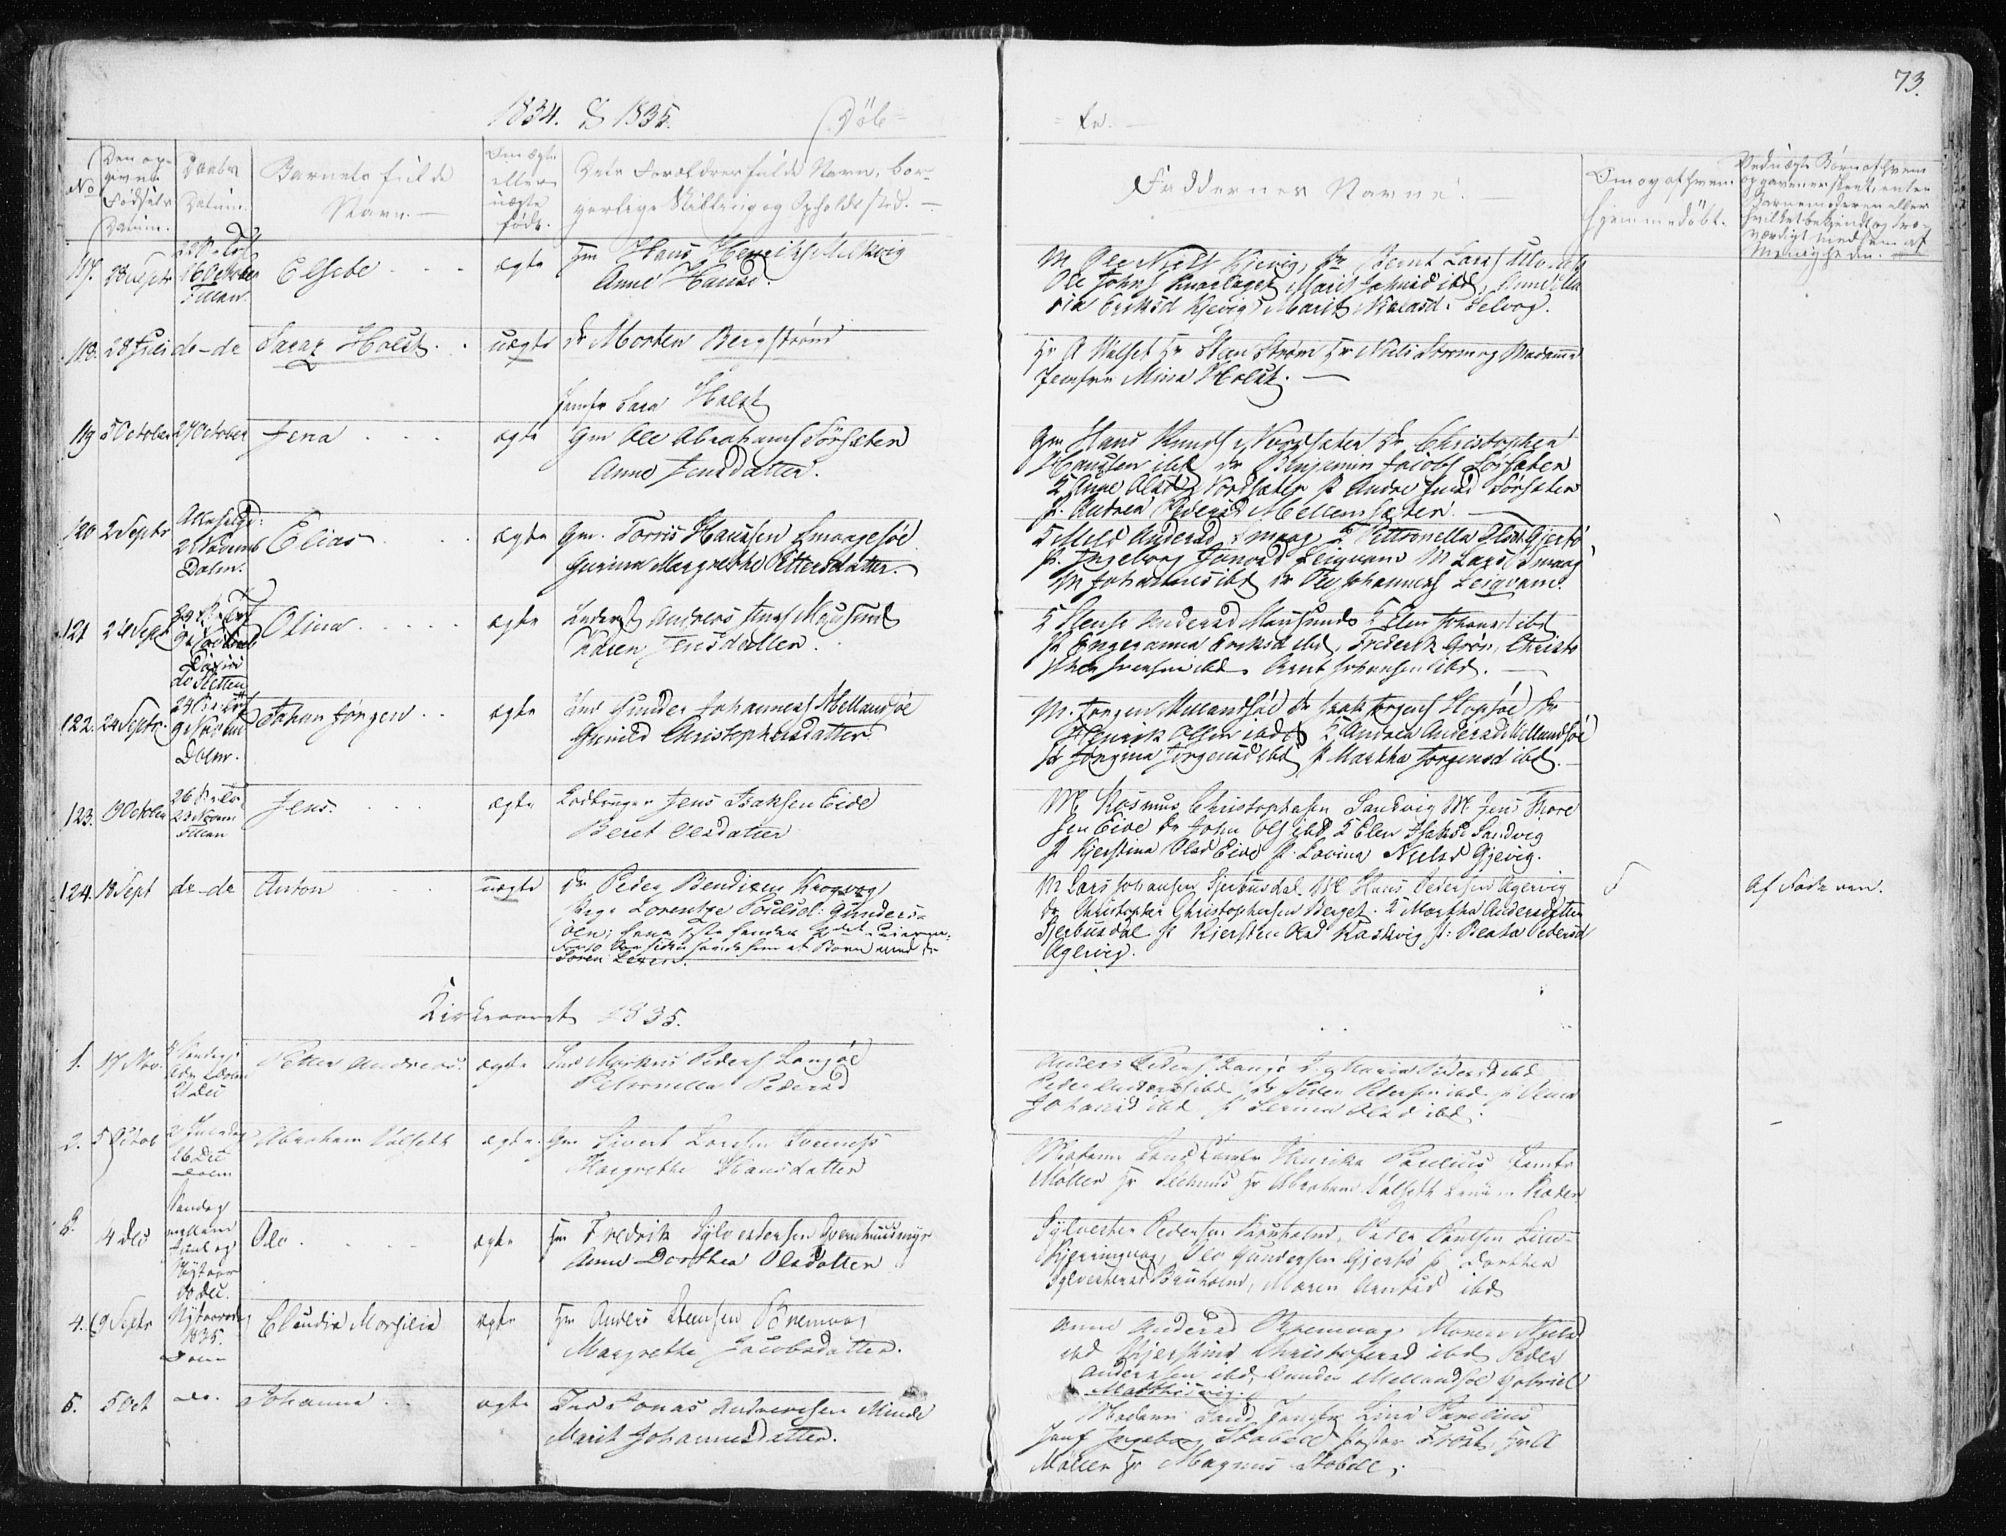 SAT, Ministerialprotokoller, klokkerbøker og fødselsregistre - Sør-Trøndelag, 634/L0528: Ministerialbok nr. 634A04, 1827-1842, s. 73